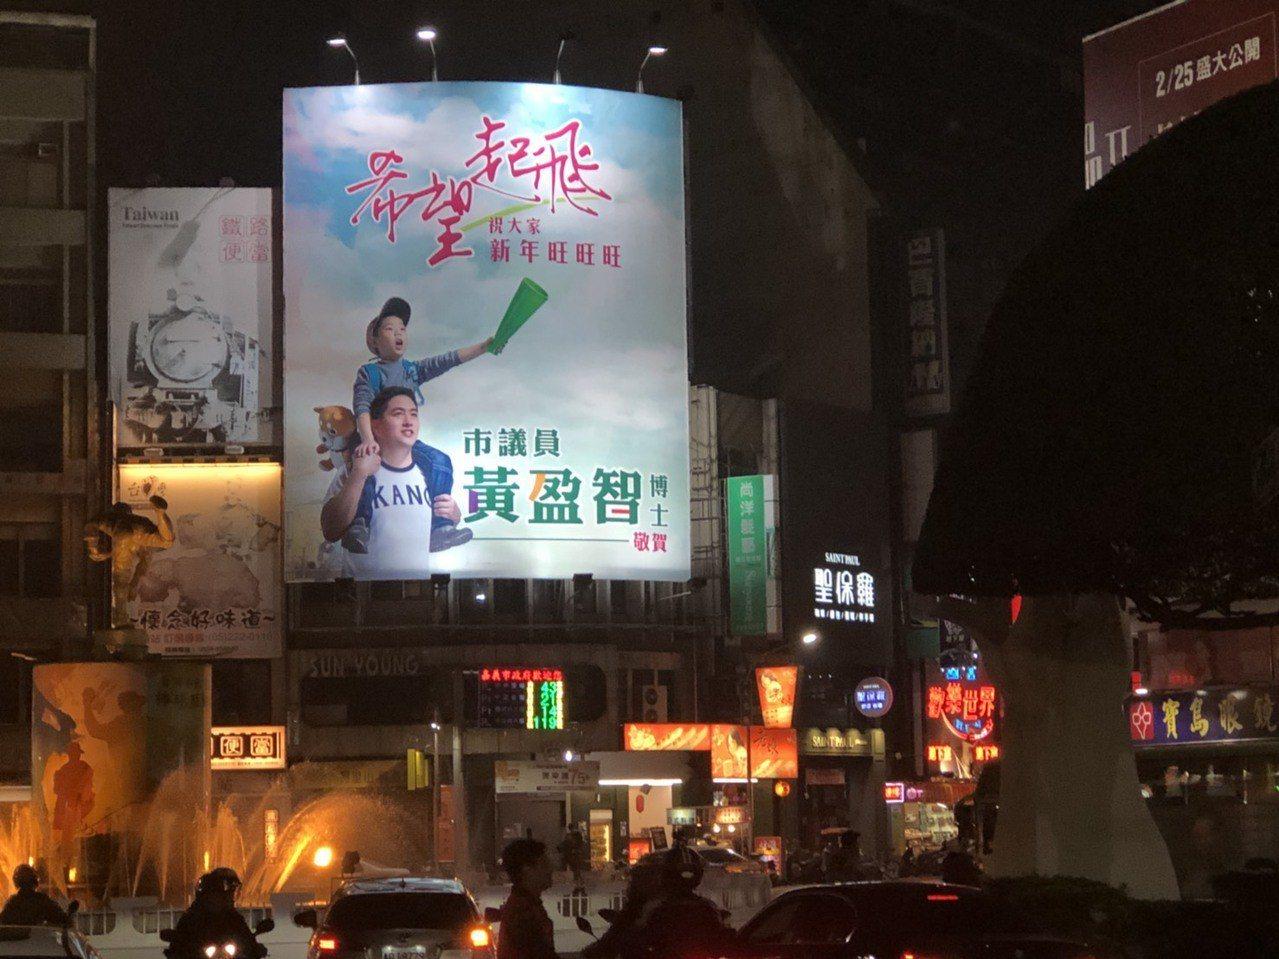 嘉義市街頭已有尋求連任議員掛出形象看板,增加能見度。 記者王慧瑛/攝影